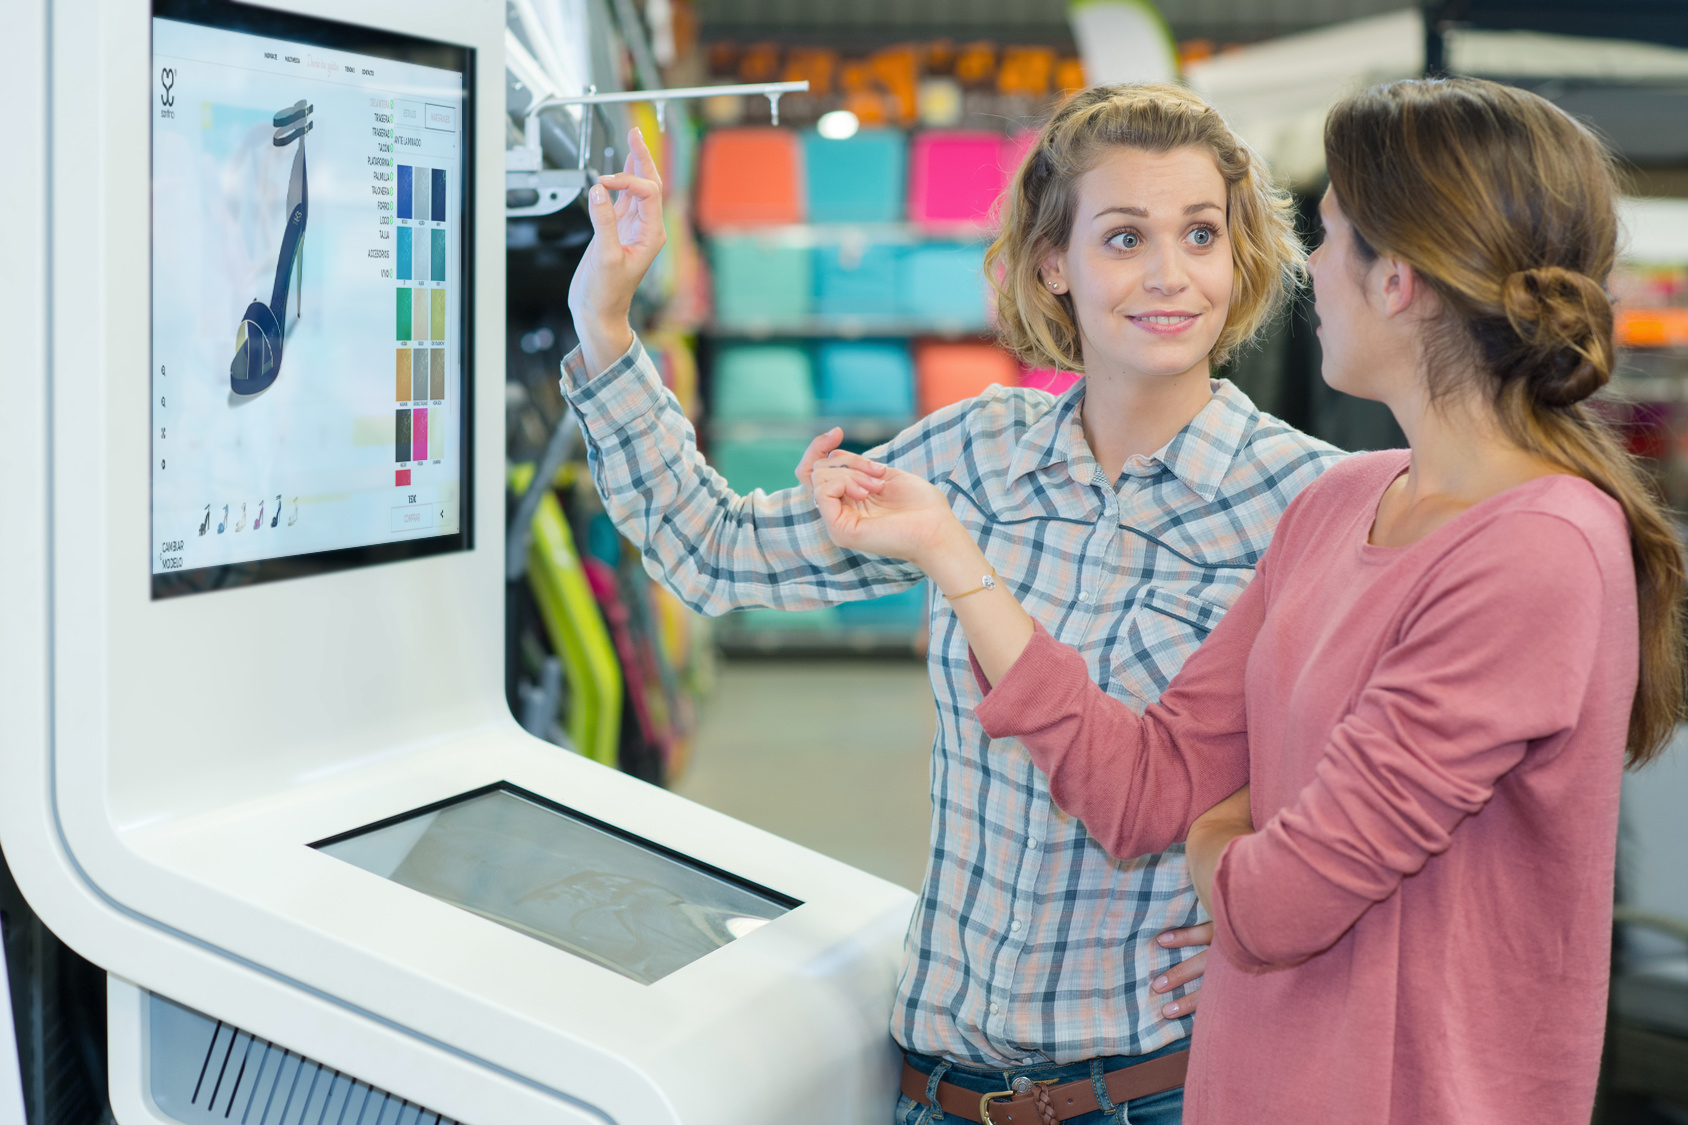 Chica enseñando el modelador 3d en un pc a otra persona